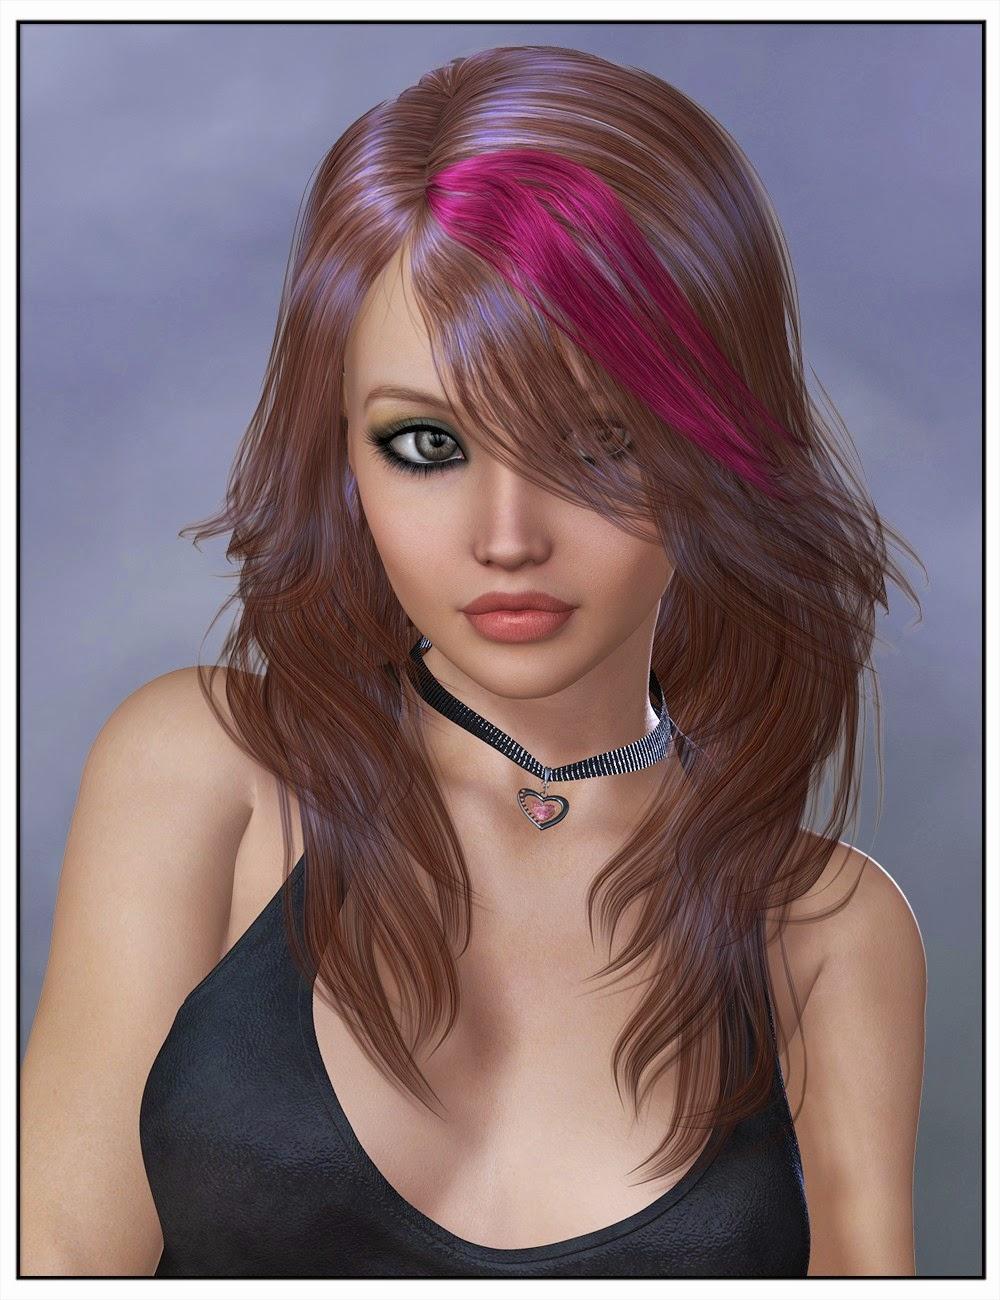 3d Models Art Zone - Lilyanne Hair Colors